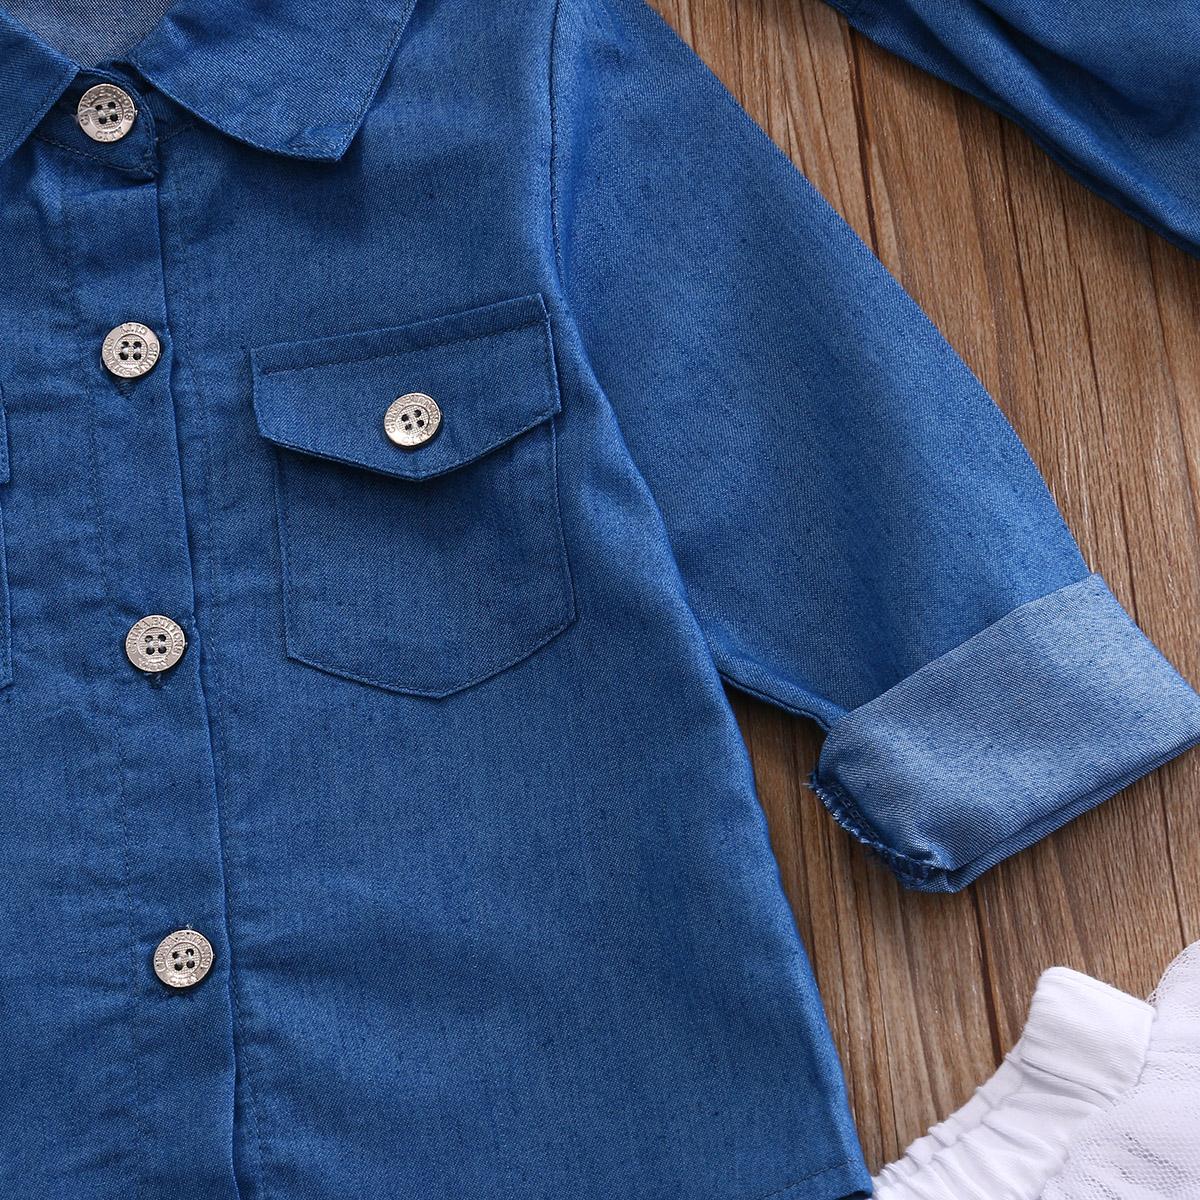 0-5a enfant nouveau enfants bébé filles infantile à manches longues denim tops shirt + tutu jupes dress + bandeau 3 pcs jeans tenues vêtements set 8